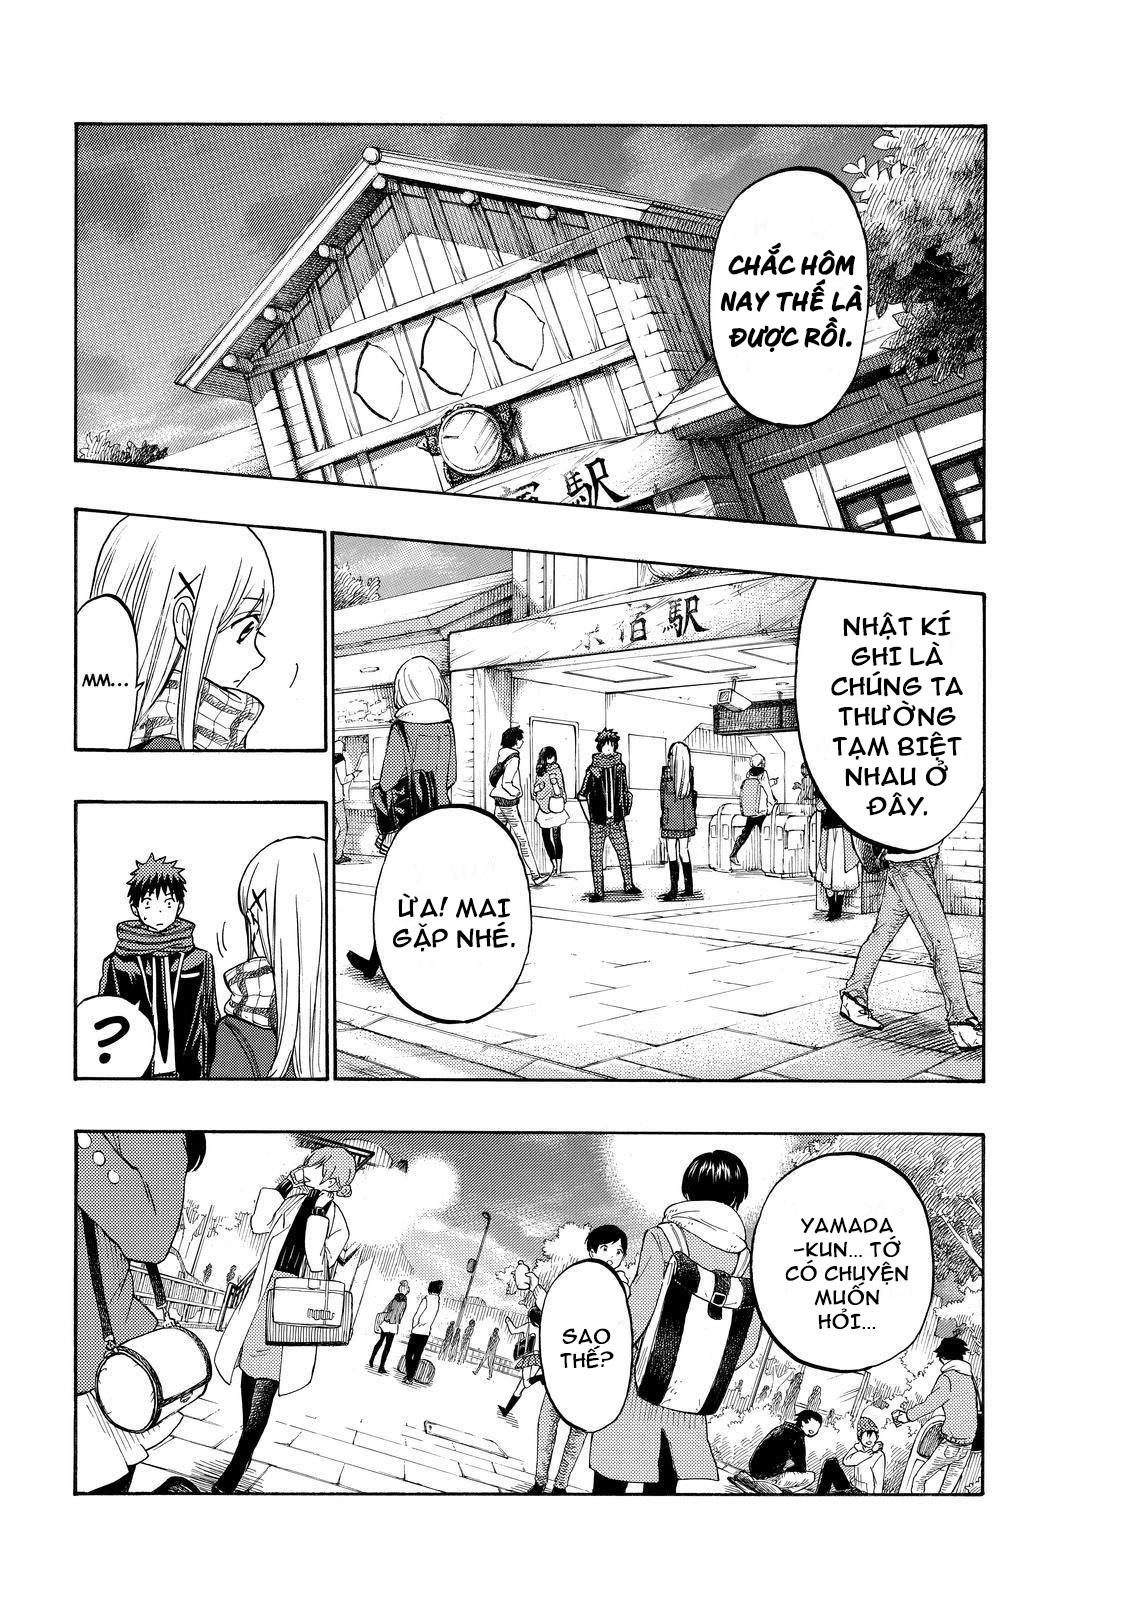 Yamada-kun to 7-nin no majo chap 174 Trang 15 - Mangak.info